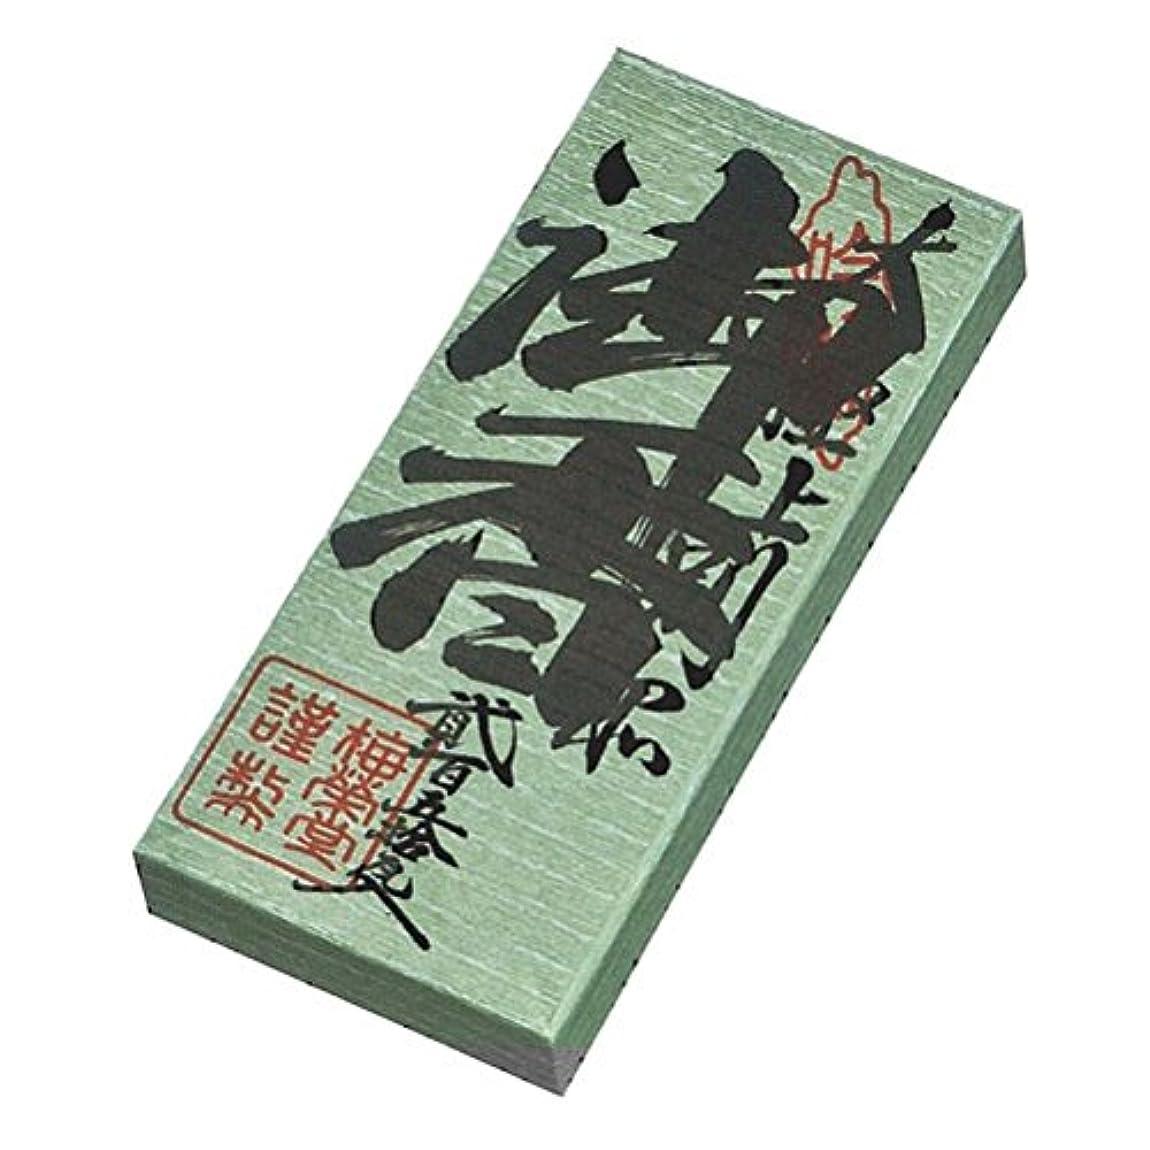 学習意味のあるではごきげんよう雲淨印 250g 紙箱入り お焼香 梅栄堂